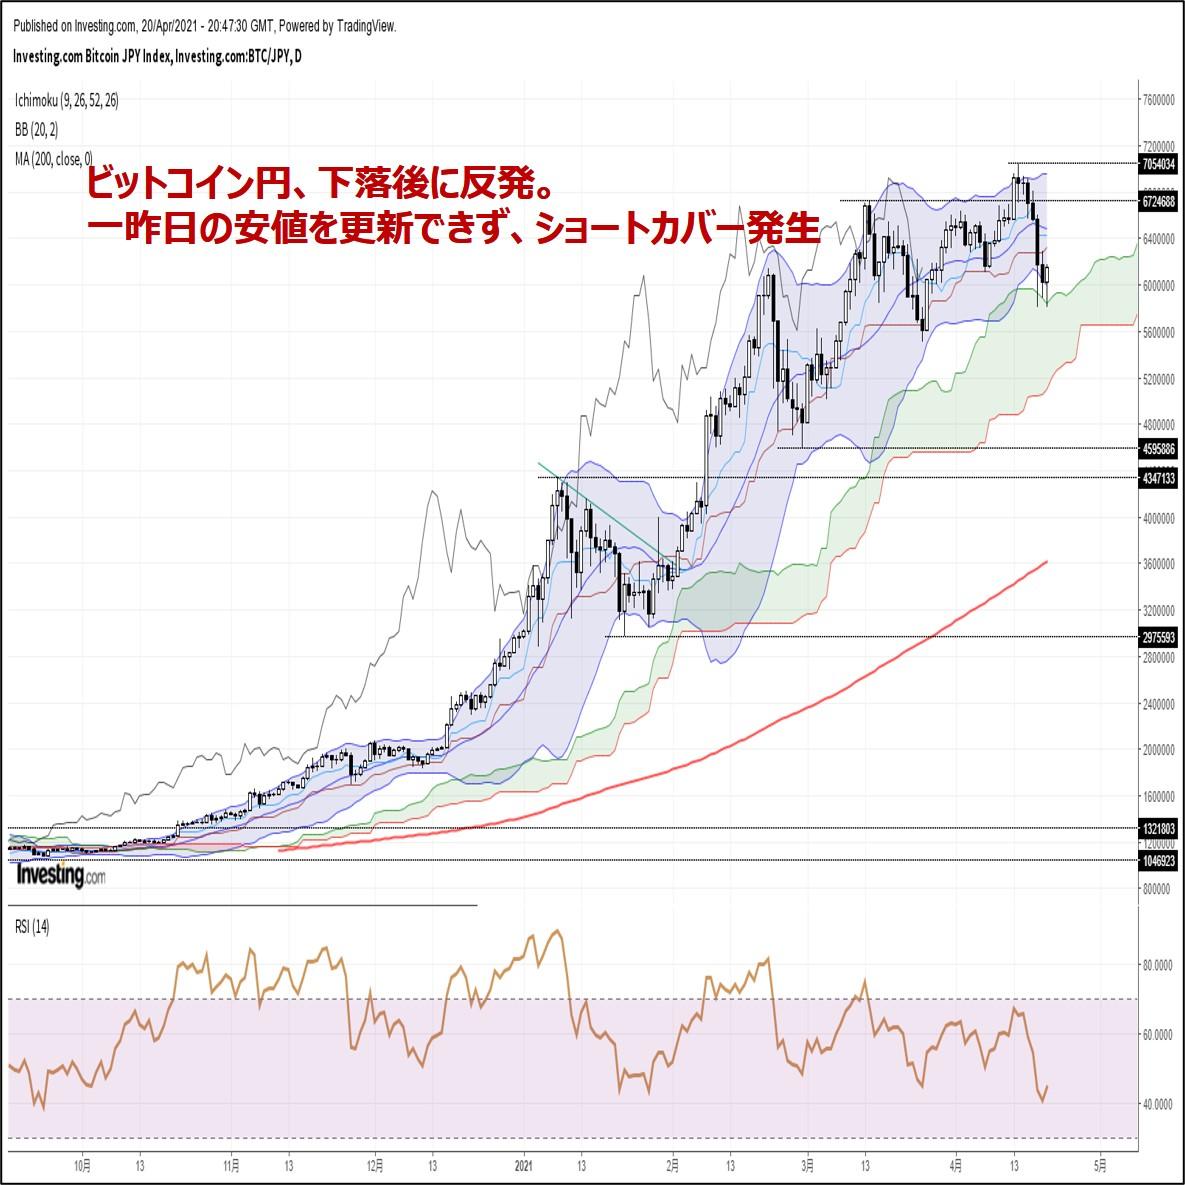 ビットコイン円、下落後に反発。一昨日の安値を更新できず、ショートカバー発生(4/21朝)